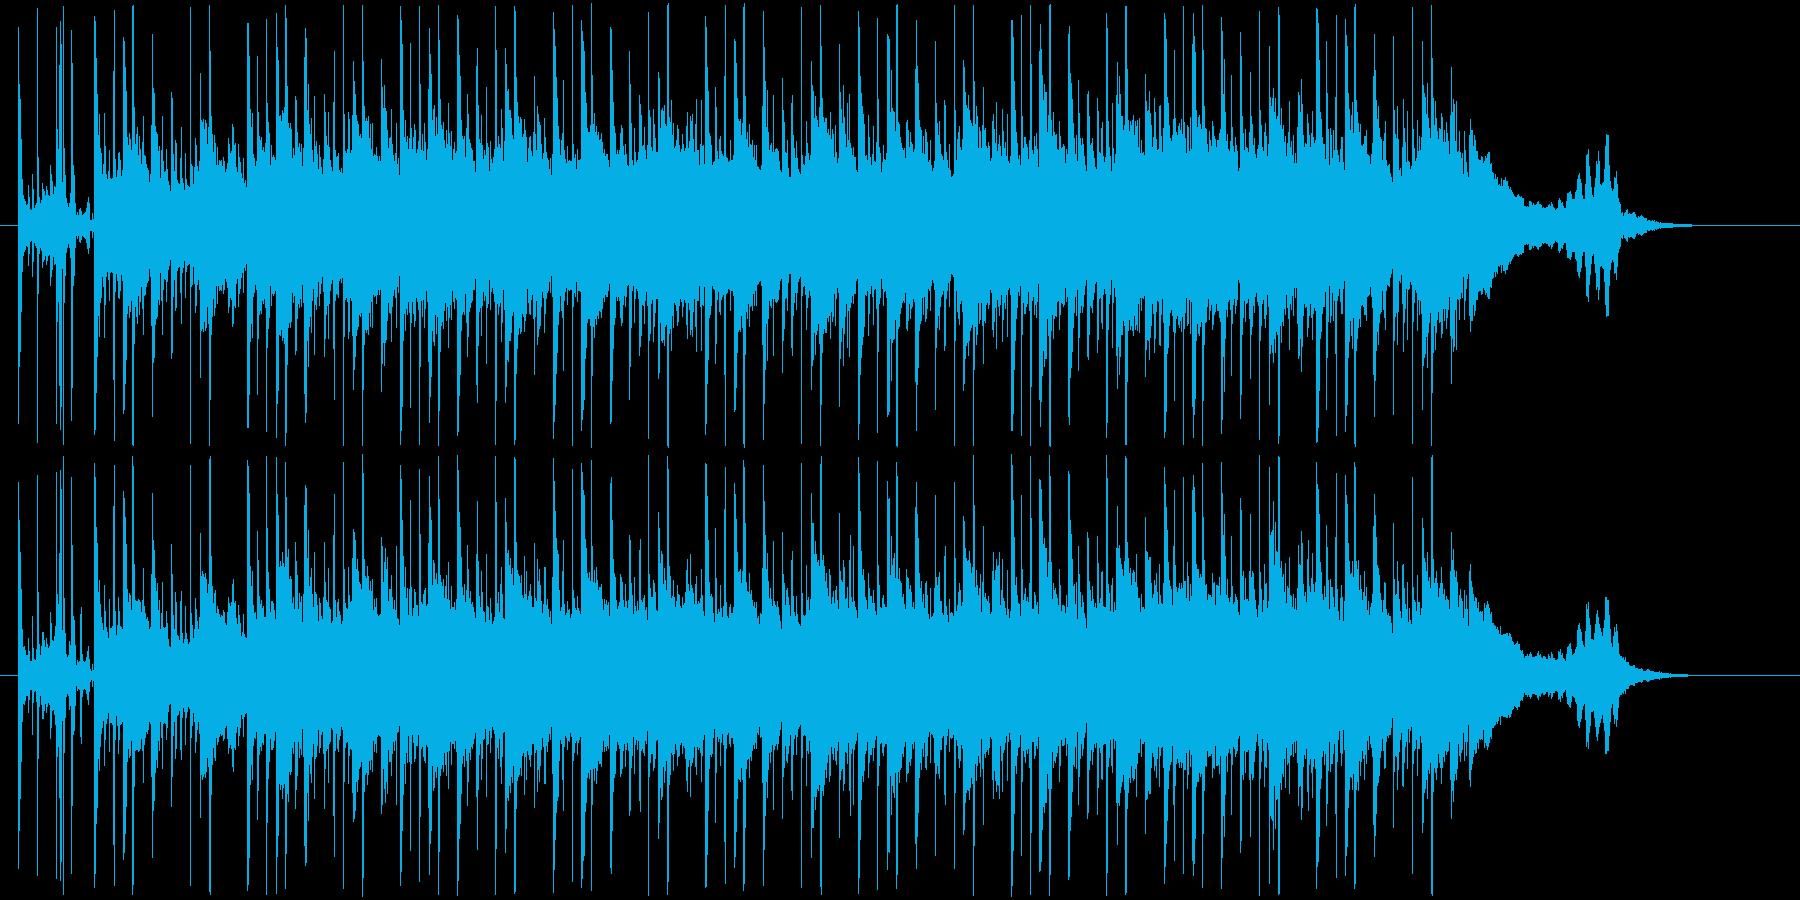 多重アコギとパーカッションの再生済みの波形